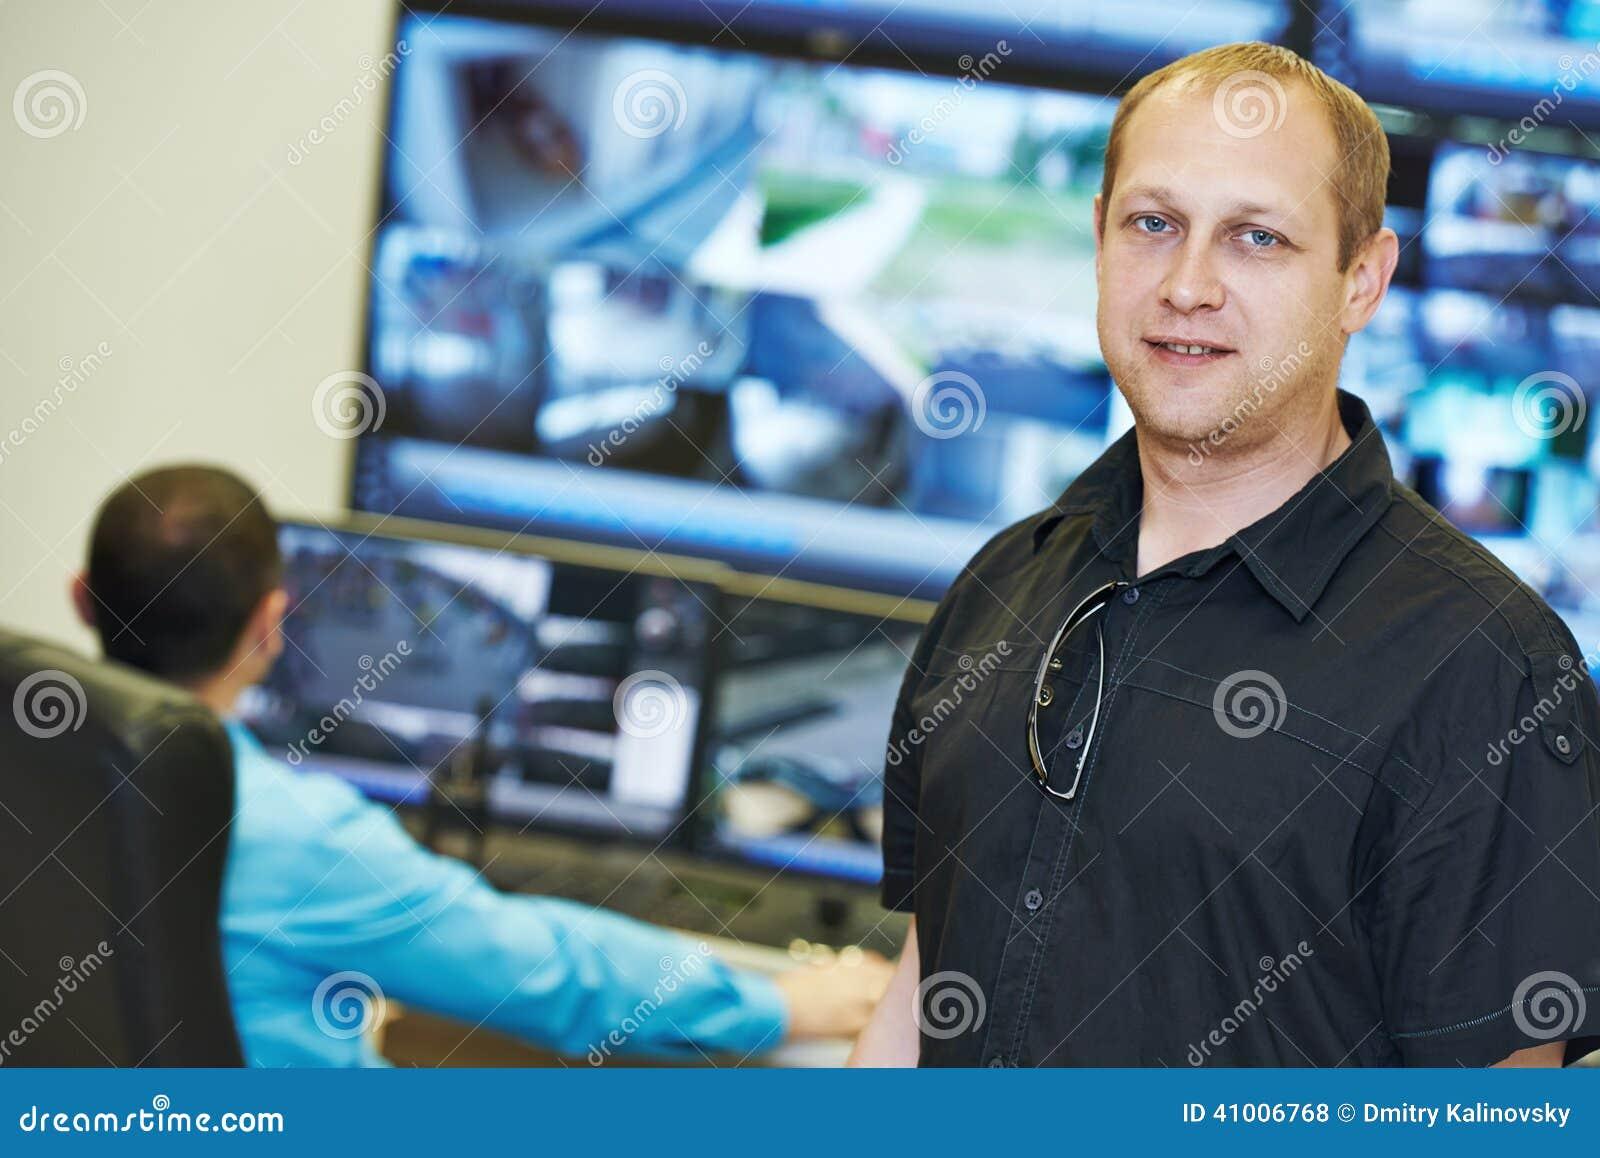 Chef visuel de surveillance de sécurité